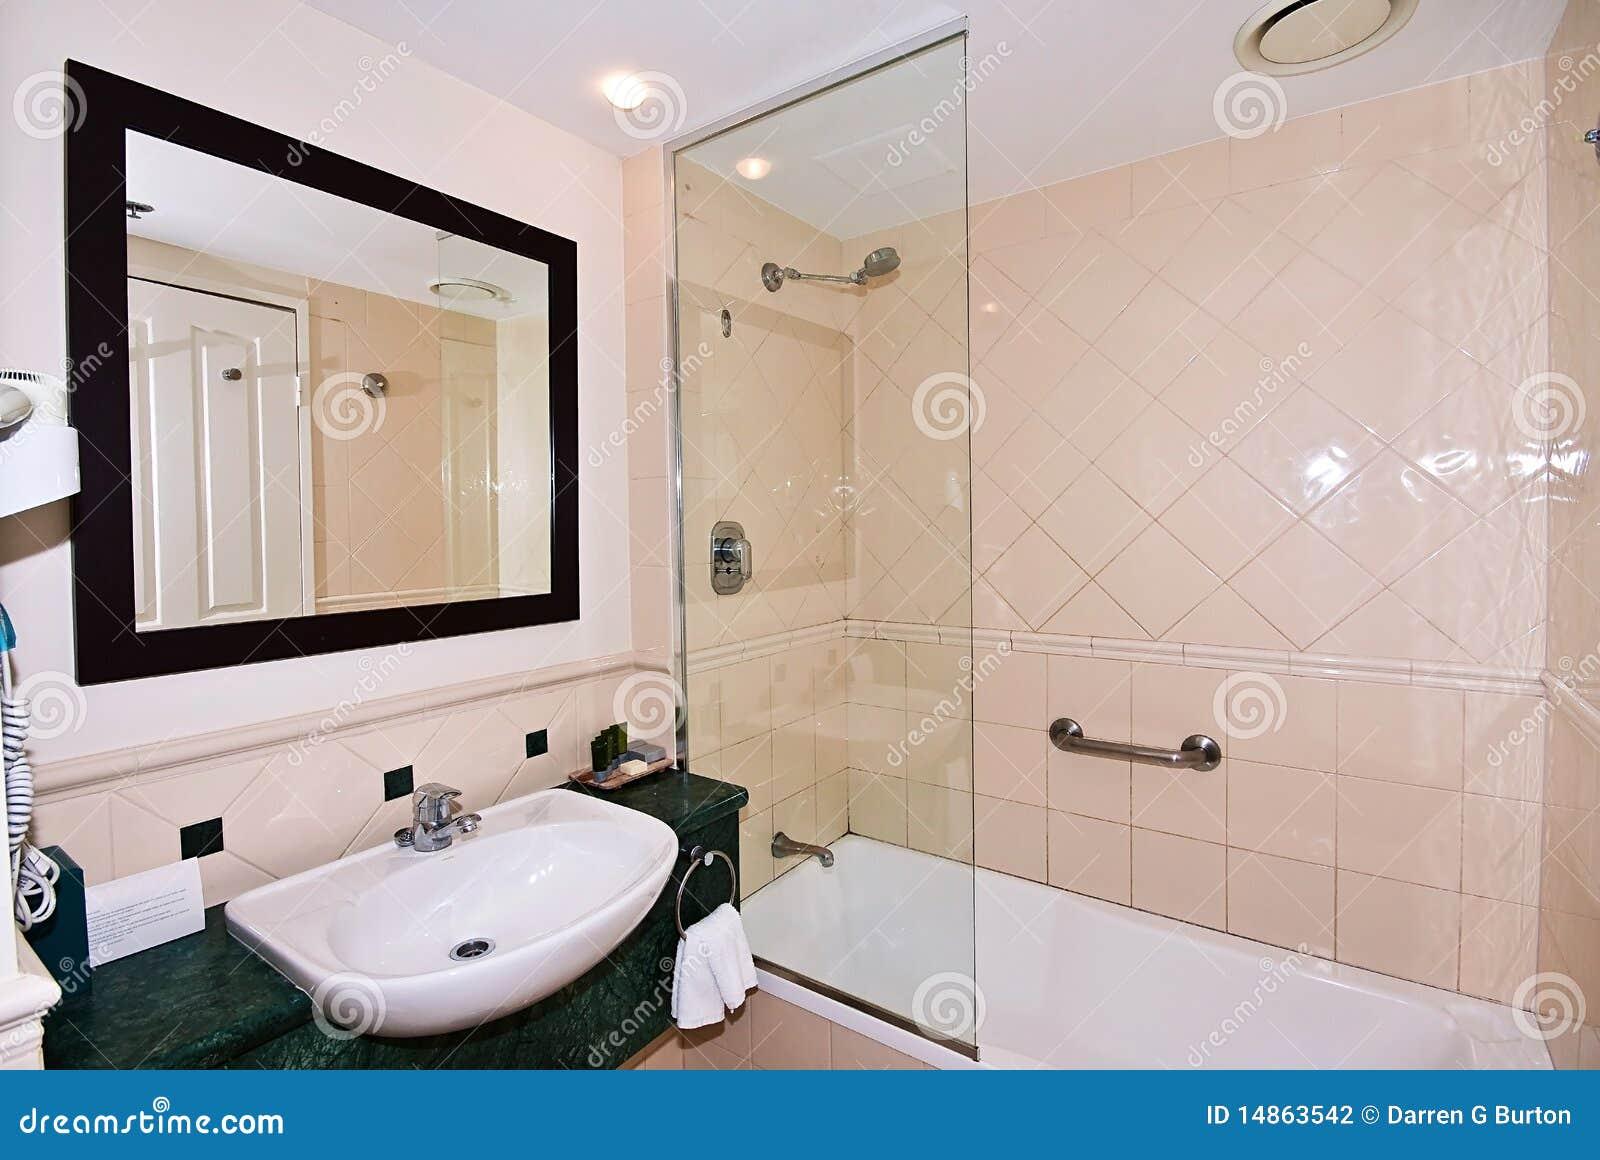 Banheiro Pequeno Fotografia de Stock Imagem: 14863542 #82A229 1300 960